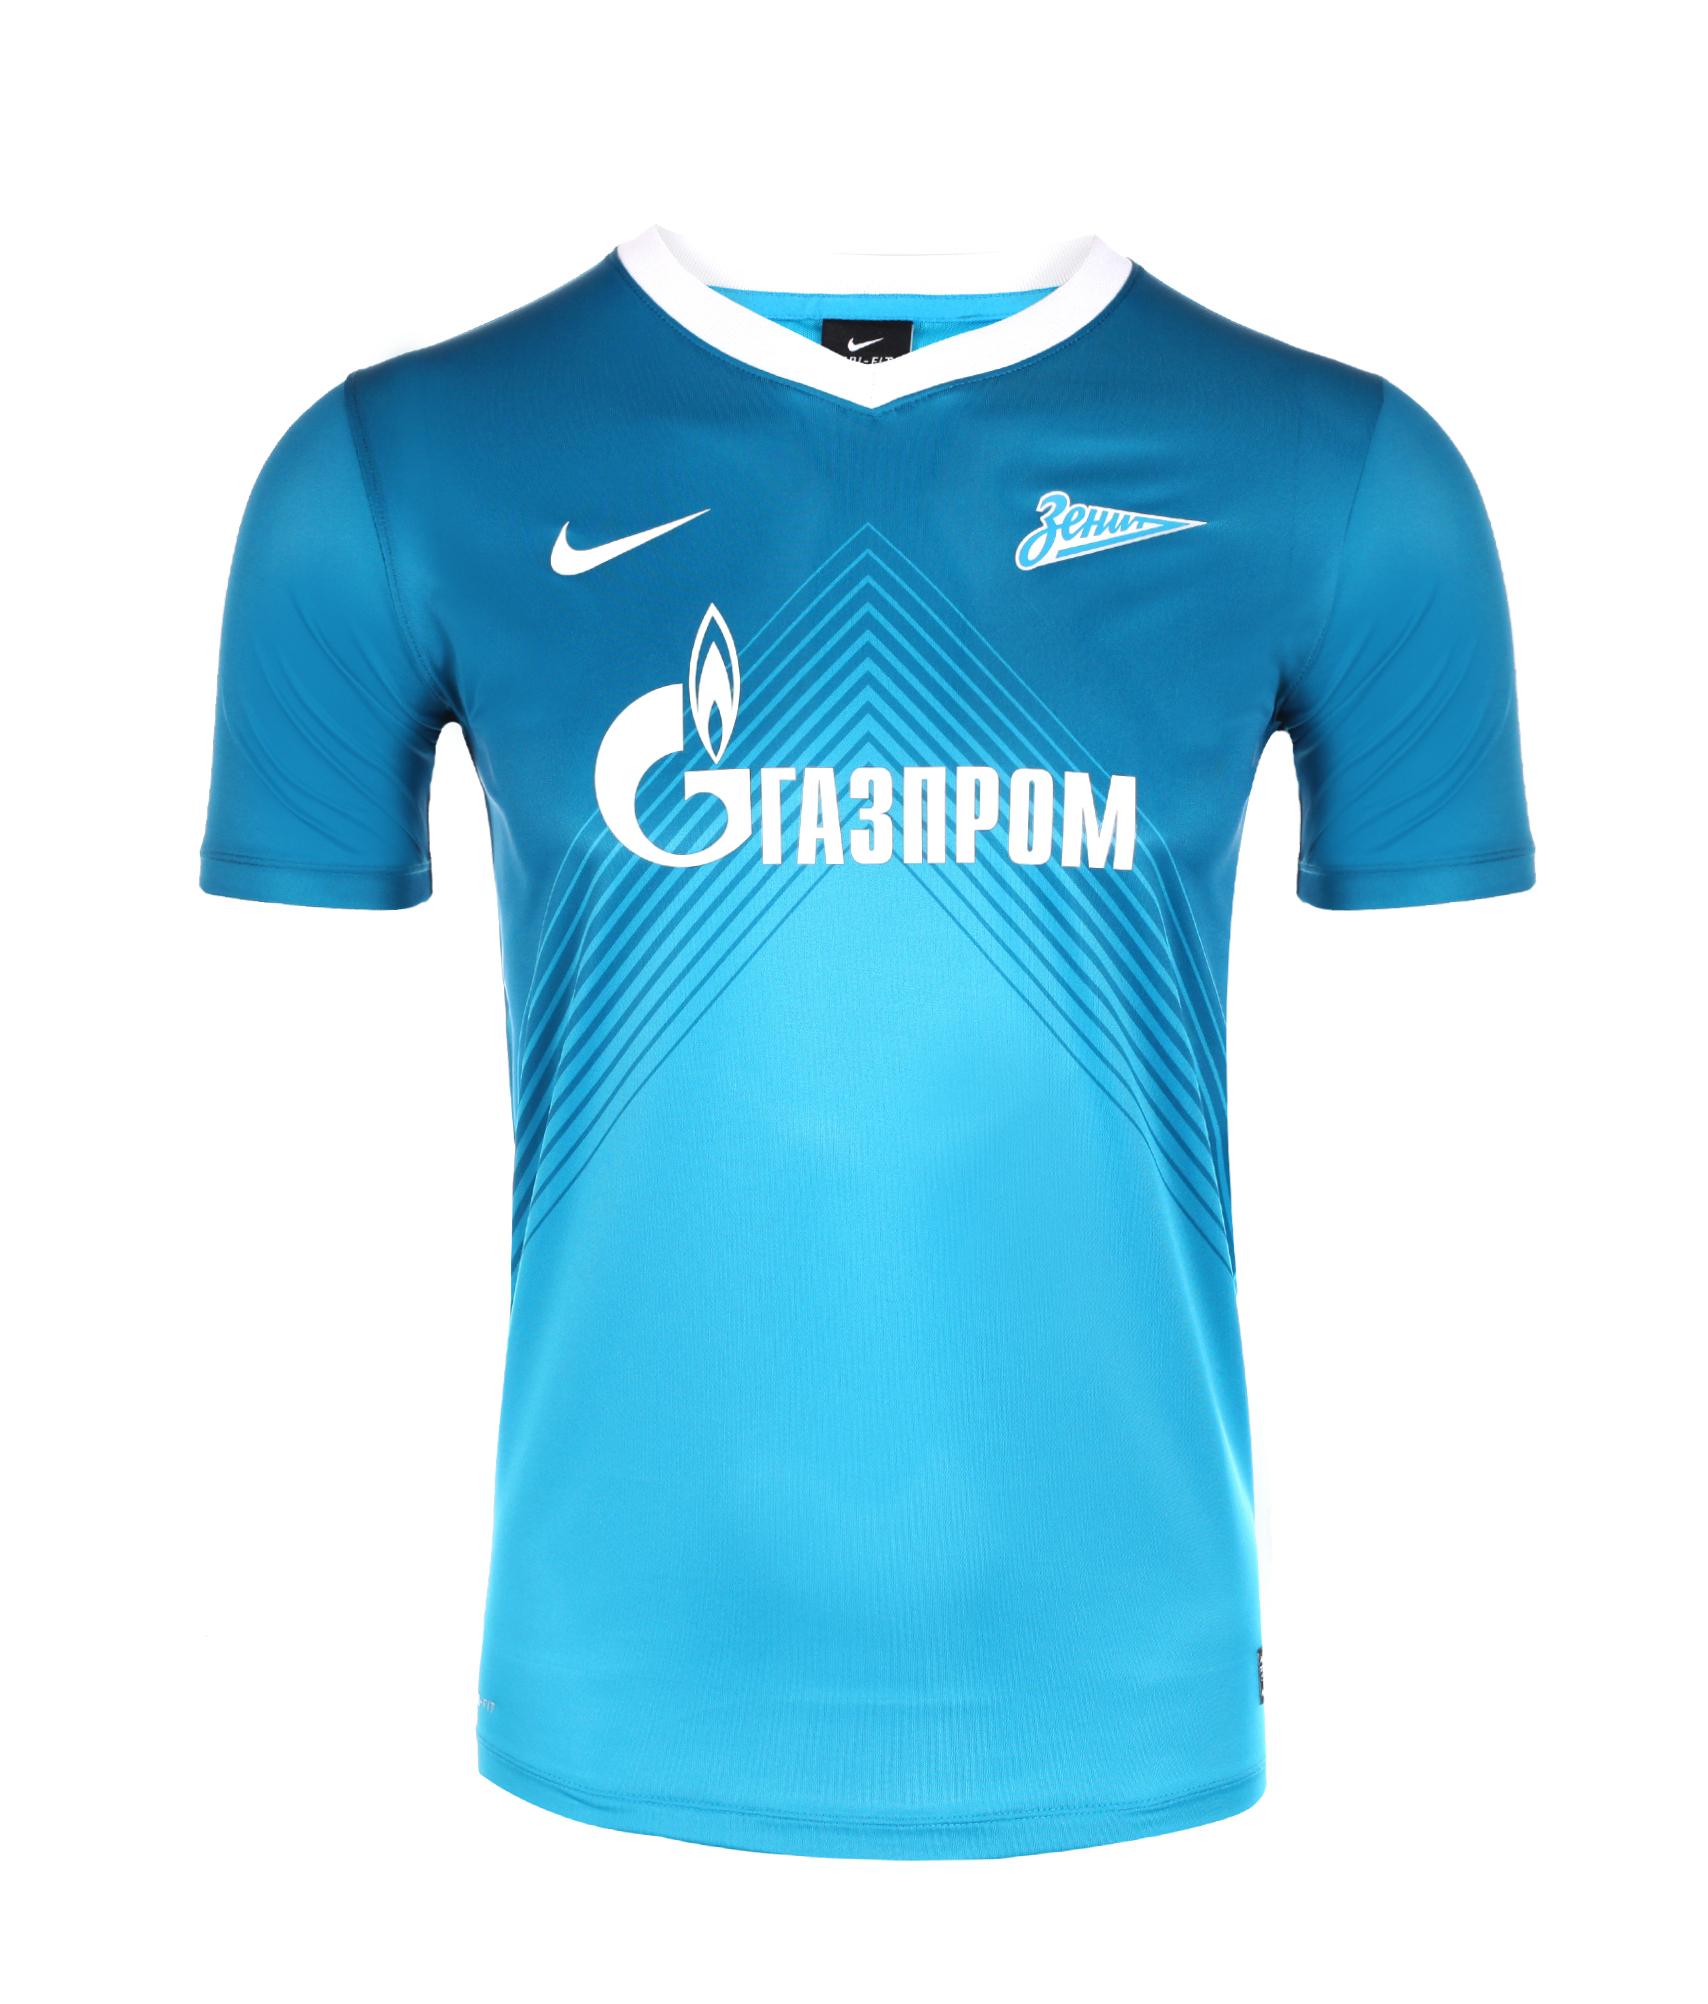 Детская домашняя футболка, Цвет-Синий, Размер-S